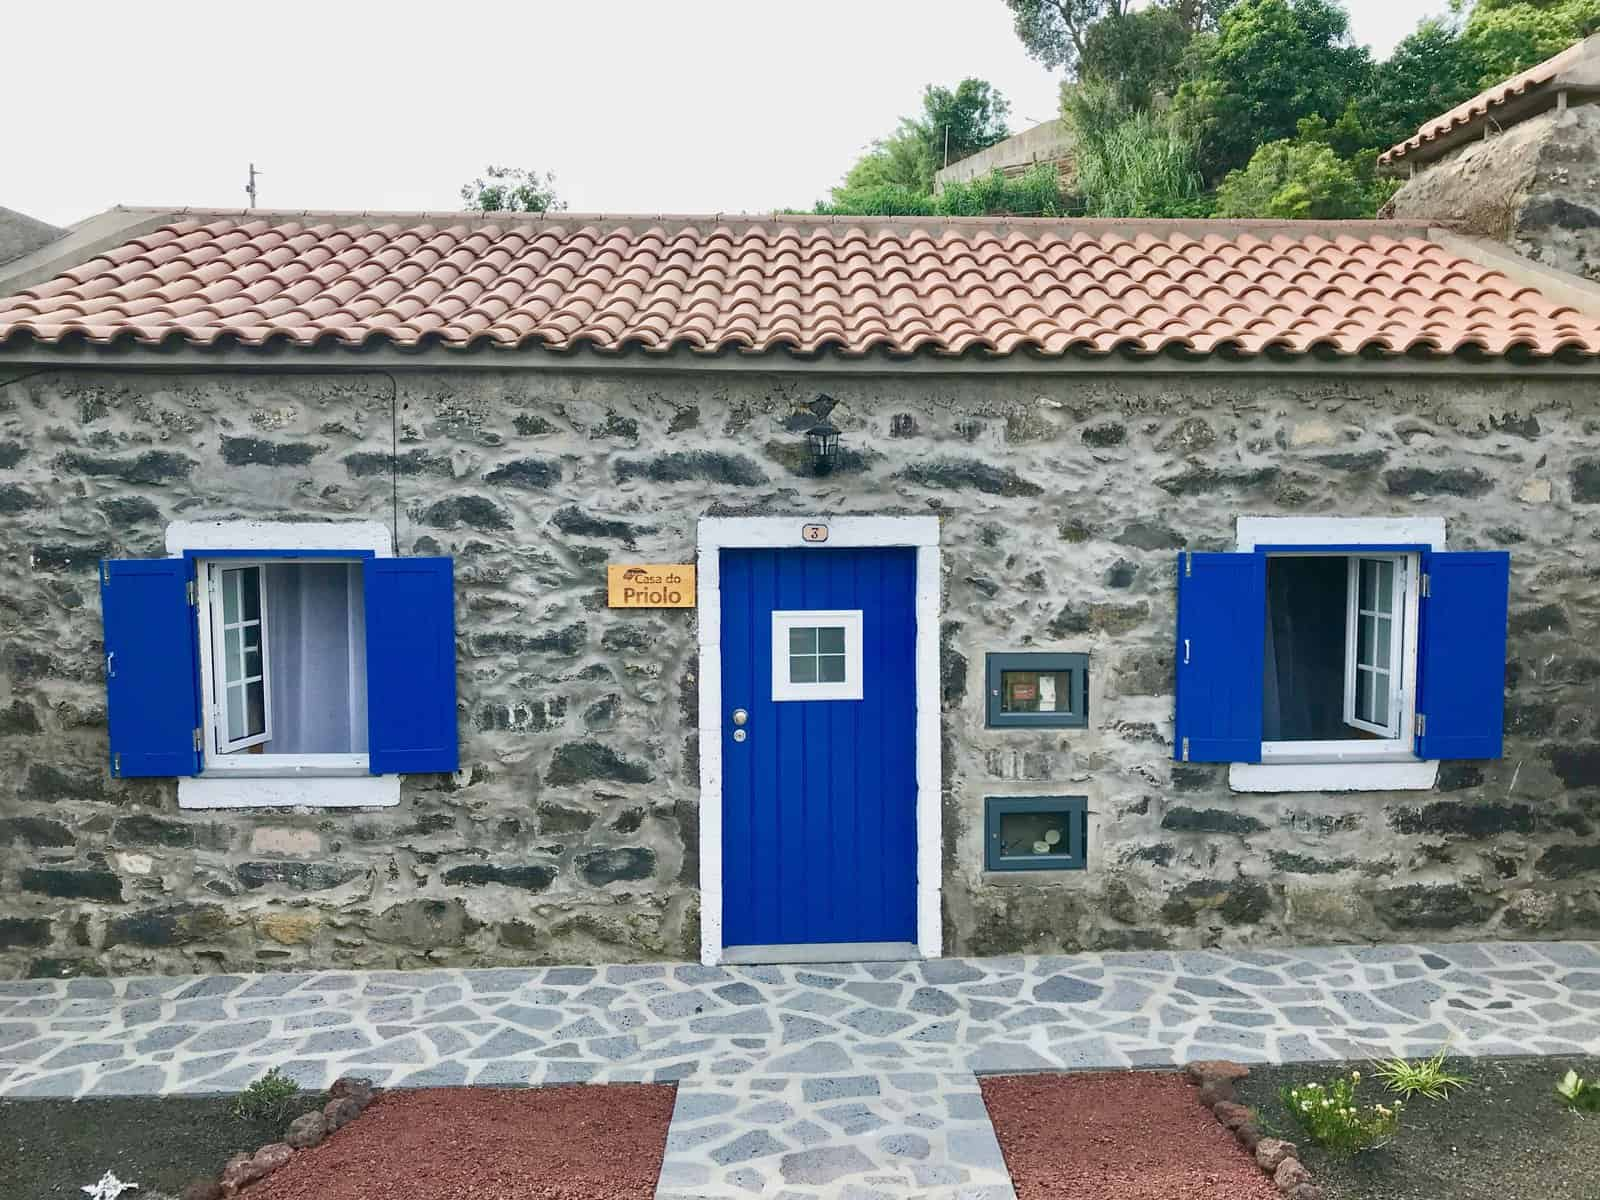 %casa de ferias açores holiday houses azores%